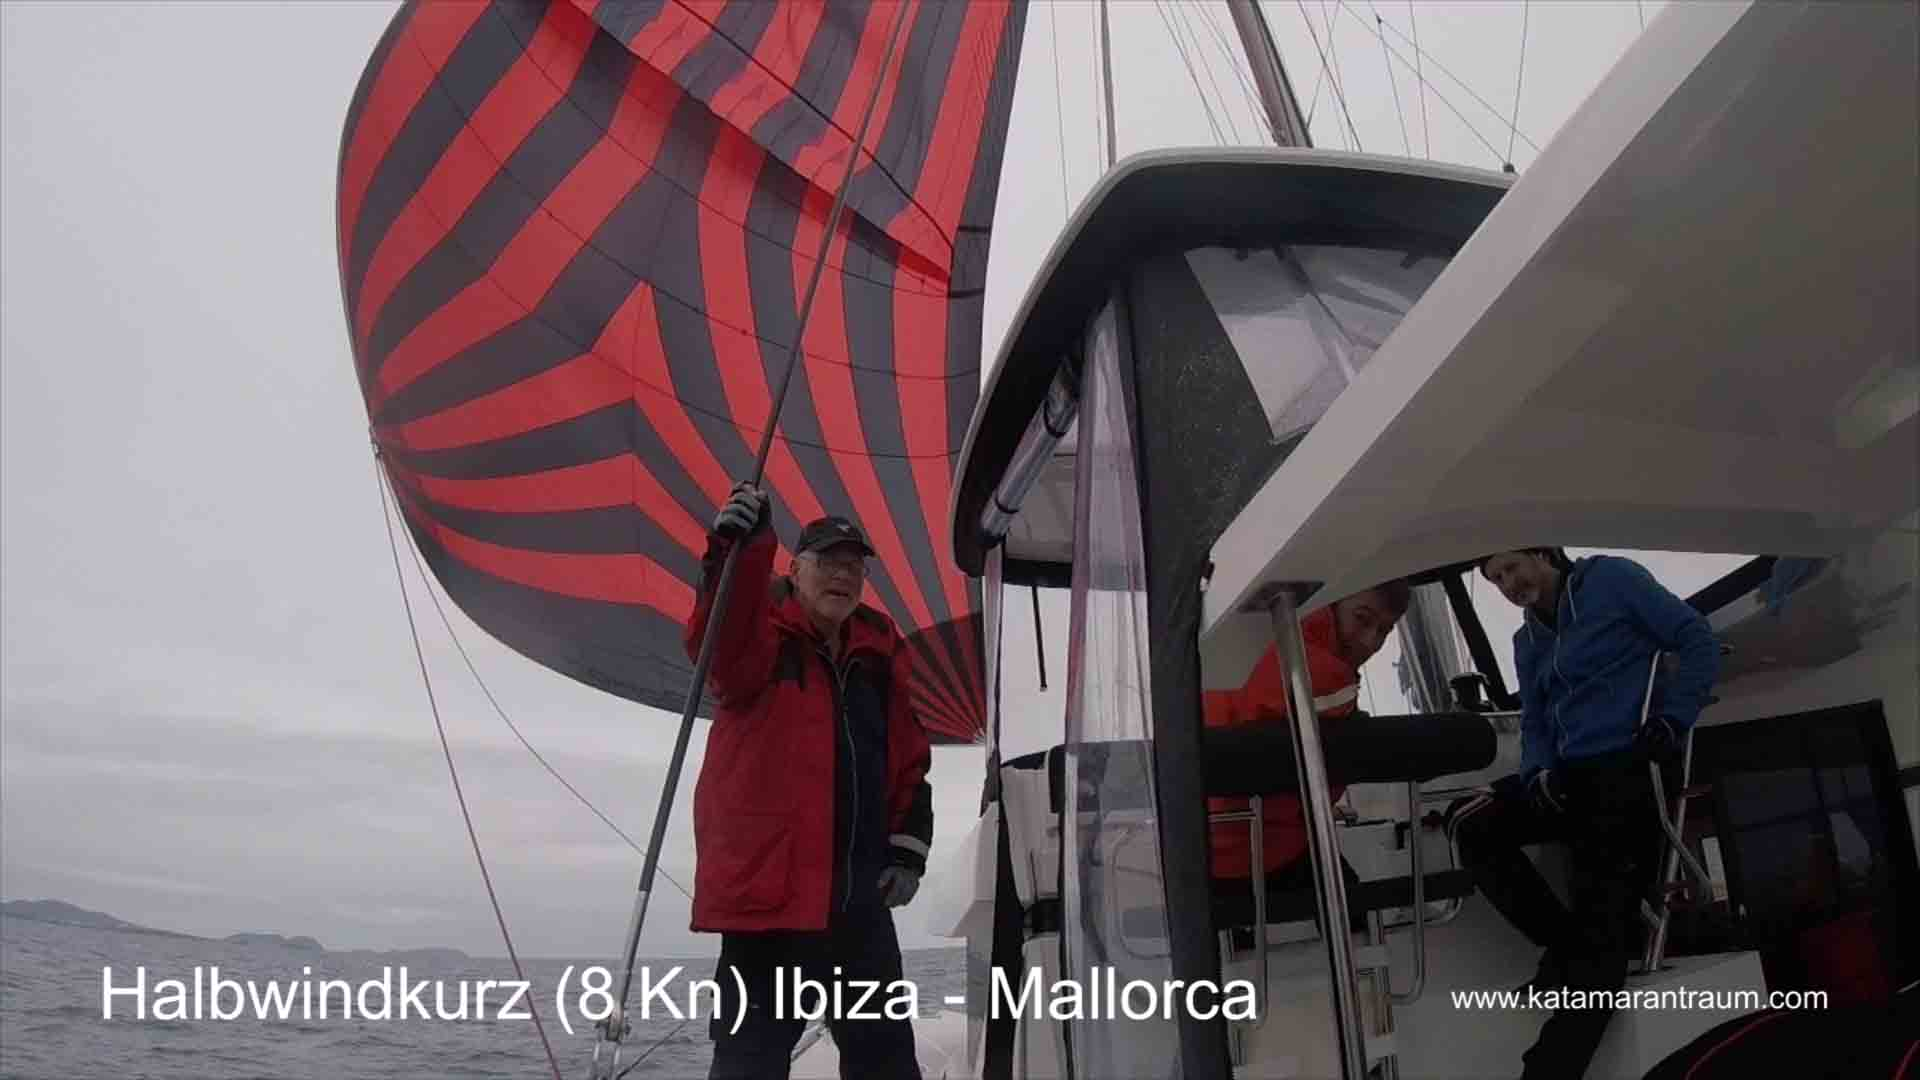 Lagoon 42 JANNY mit Mitsegeln Gast Gerhard. Wir segeln mit Wingaker Vorsegel nach Mallorca